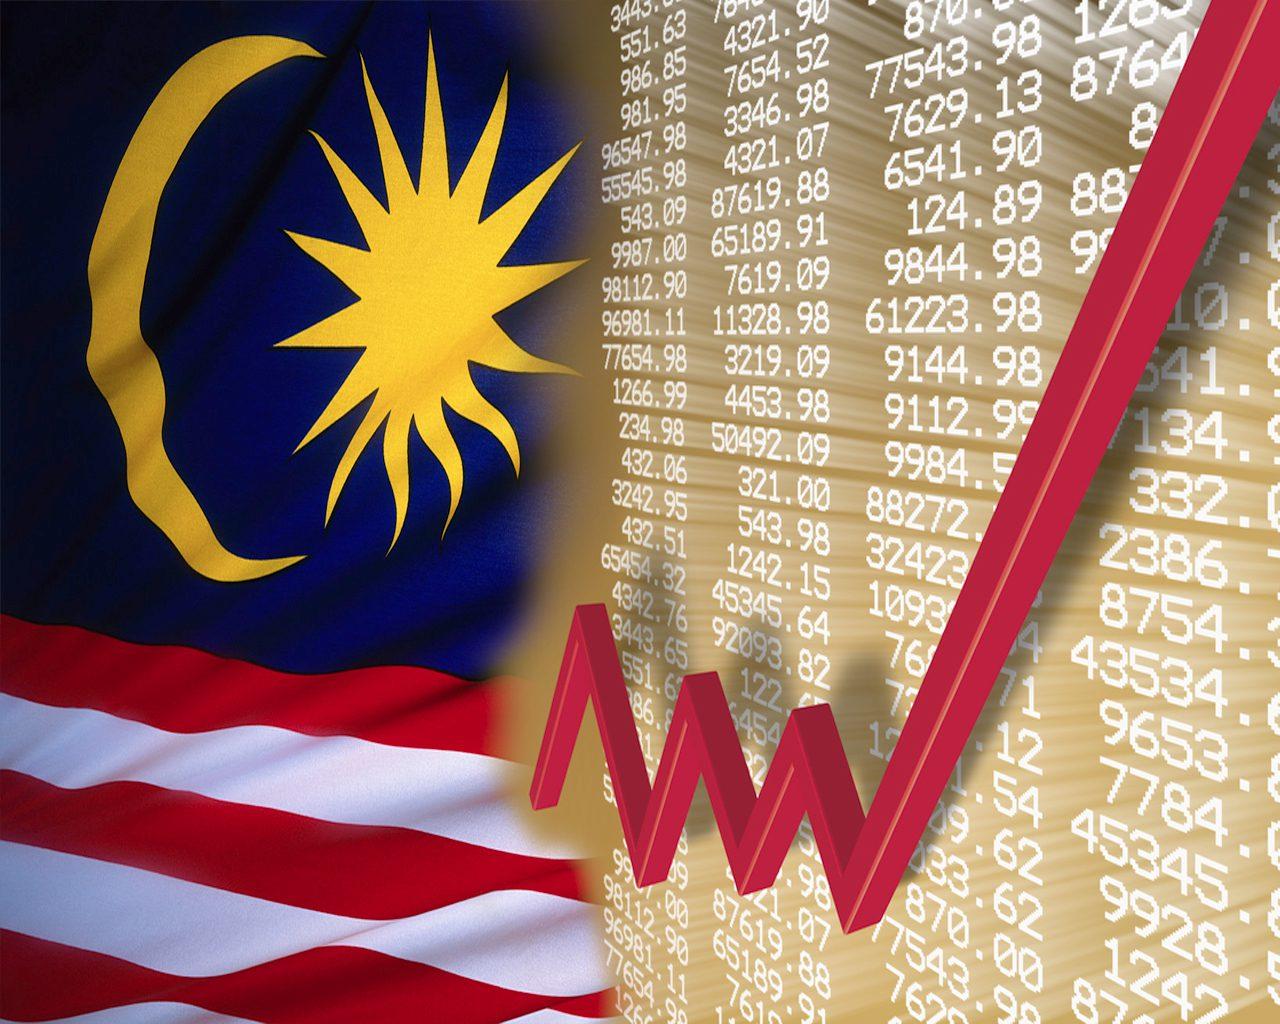 100 مليار رنجت الفائض التجاري بارتفاع 15.3% عن ٢٠١٨ في ماليزيا